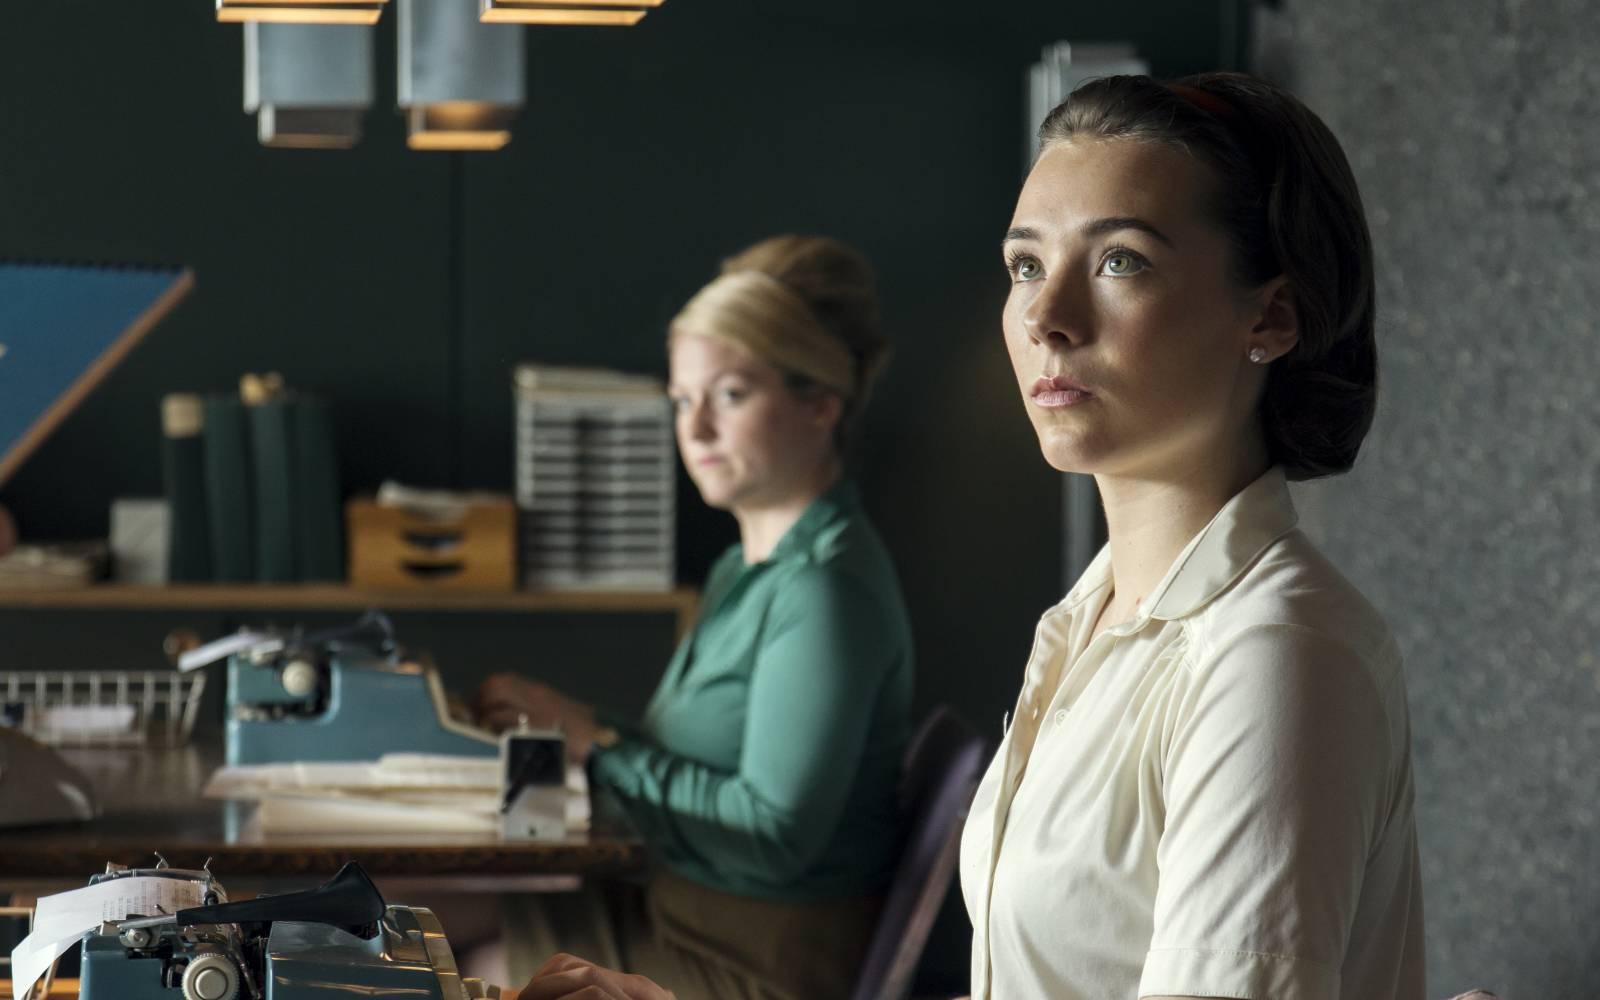 Anna og sekretærene- Foto: Petter Skafle Henriksen/NRK/Maipo Film